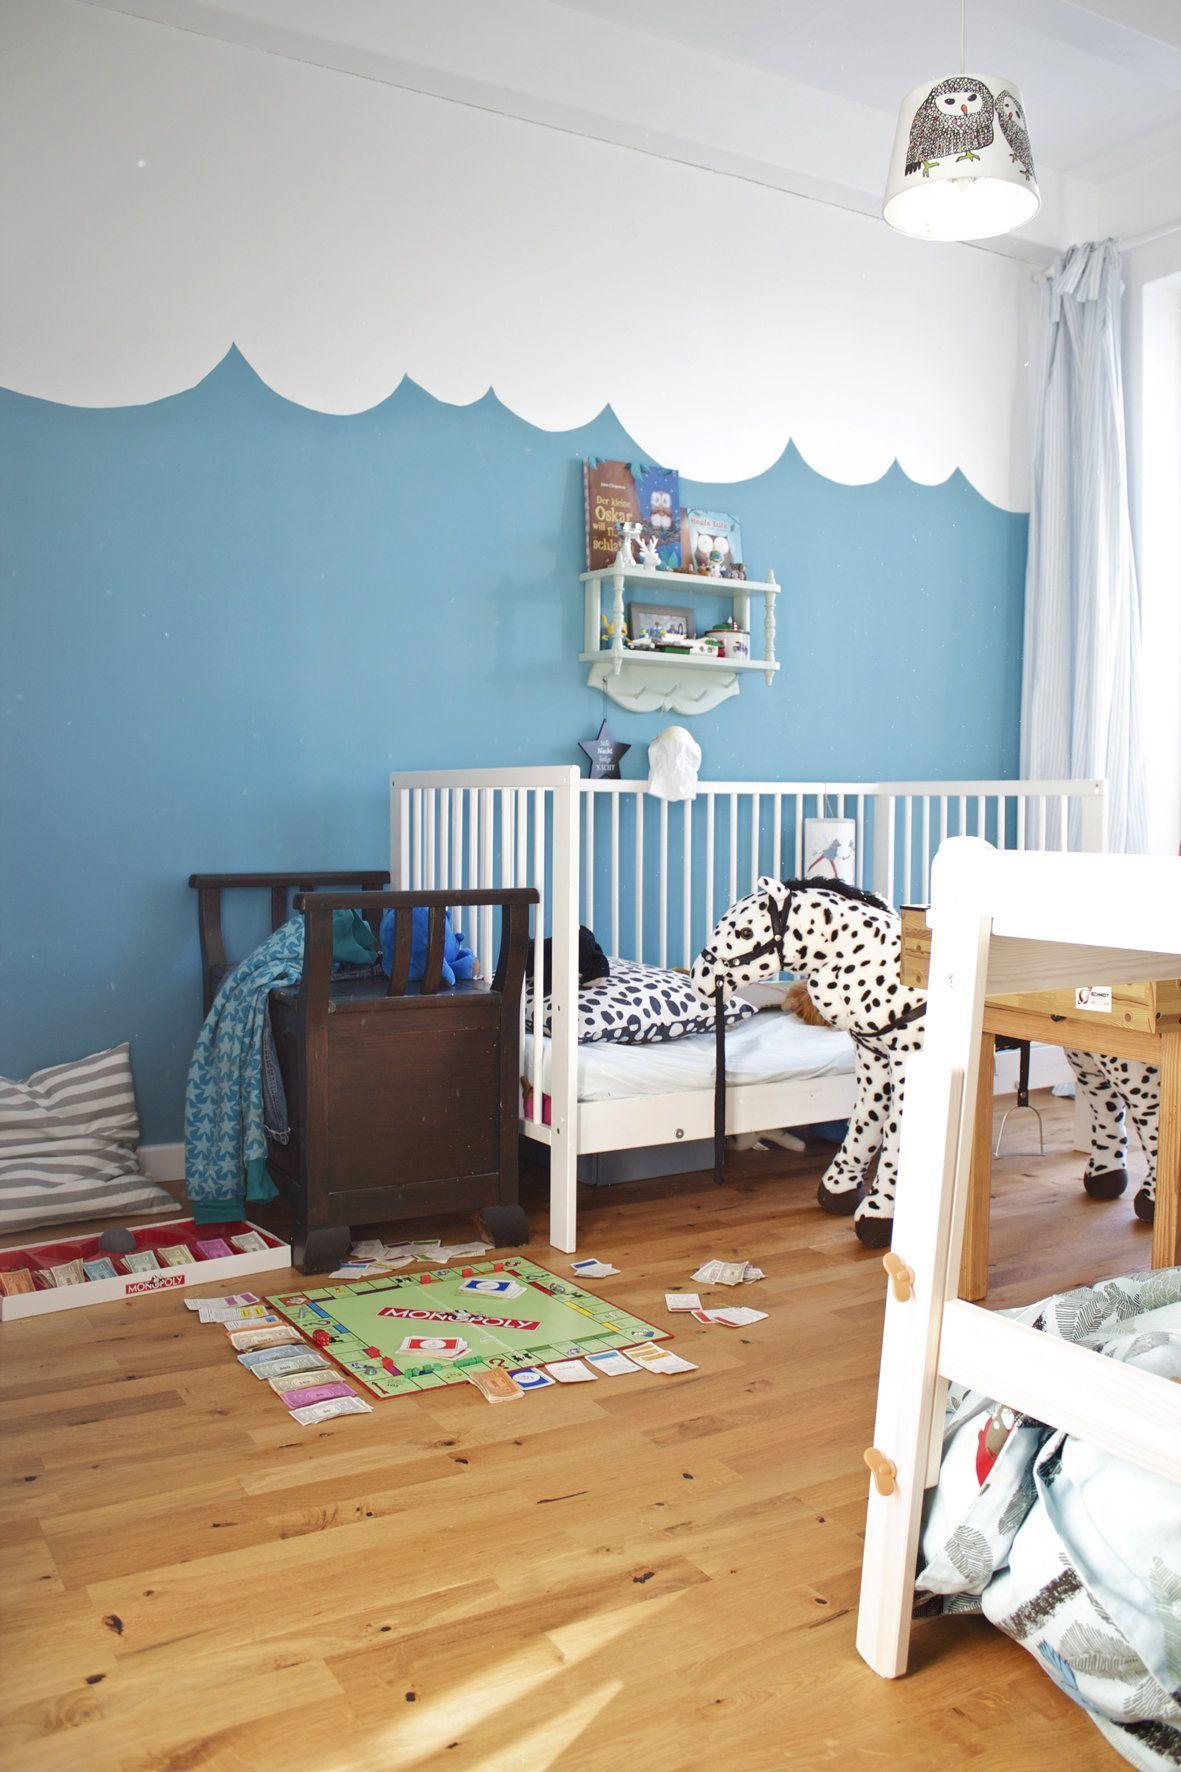 Die besten ideen f r die wandgestaltung im kinderzimmer seite 4 - Kinderzimmer wandgestaltung ...